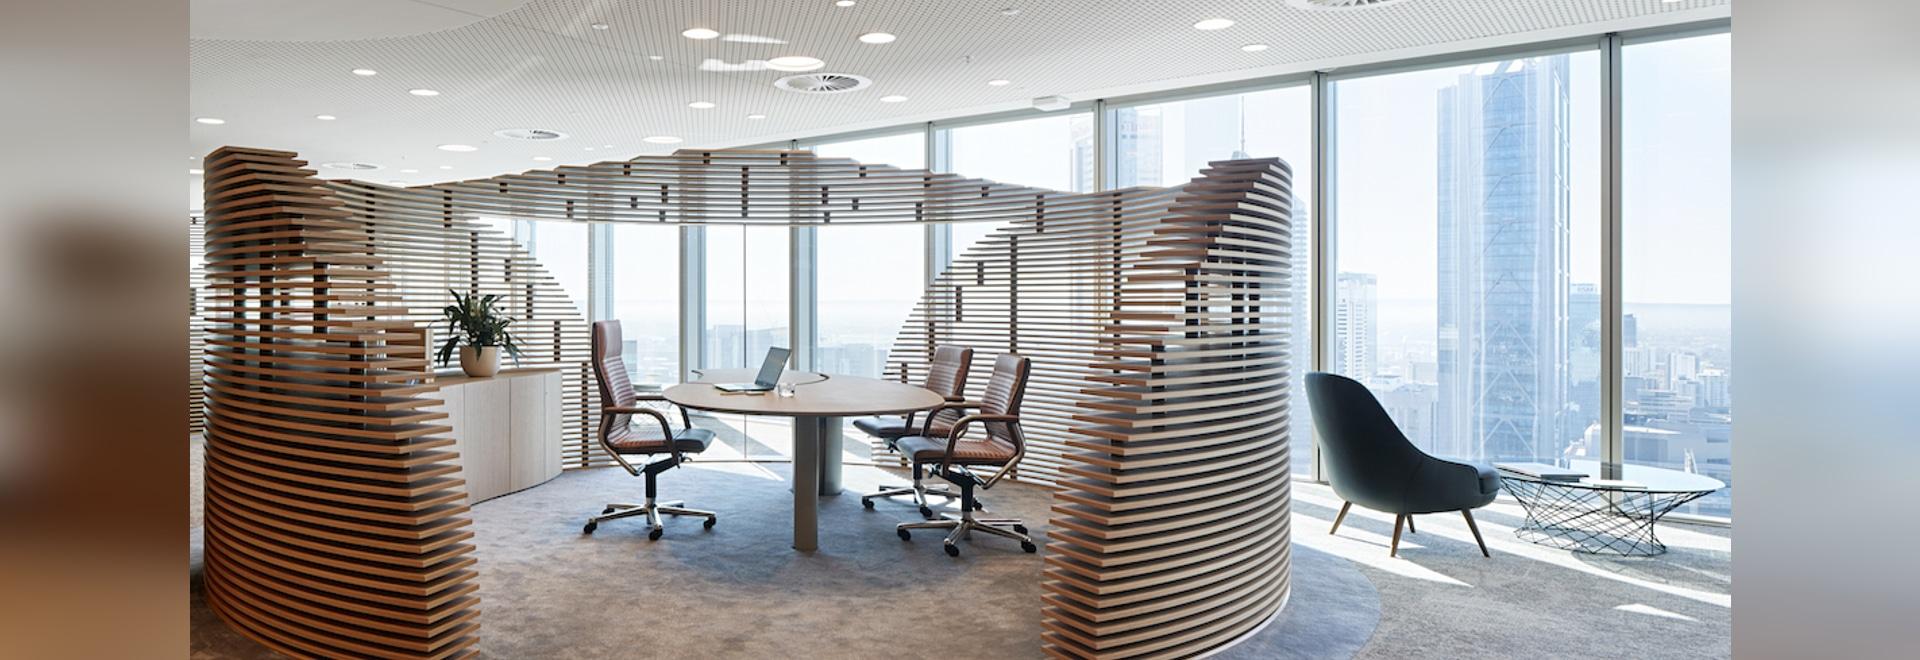 Belles perspectives pour le bien-être sur le lieu de travail : le siège de Woodside mise sur une conception globale de la durabilité et de la santé. Photo : © Shannon McGrath